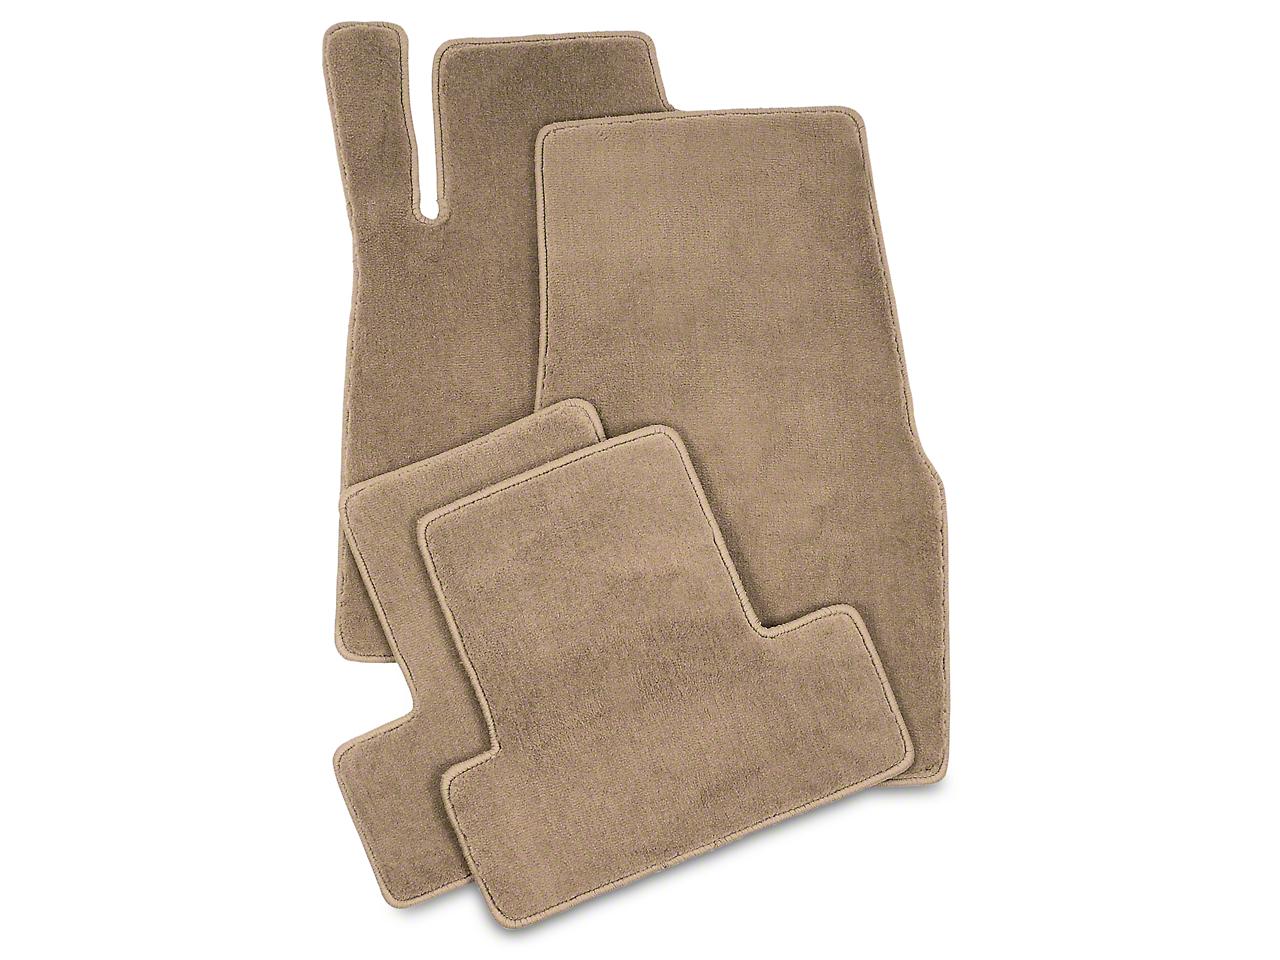 Lloyd Front & Rear Floor Mats - Parchment (05-10 All)